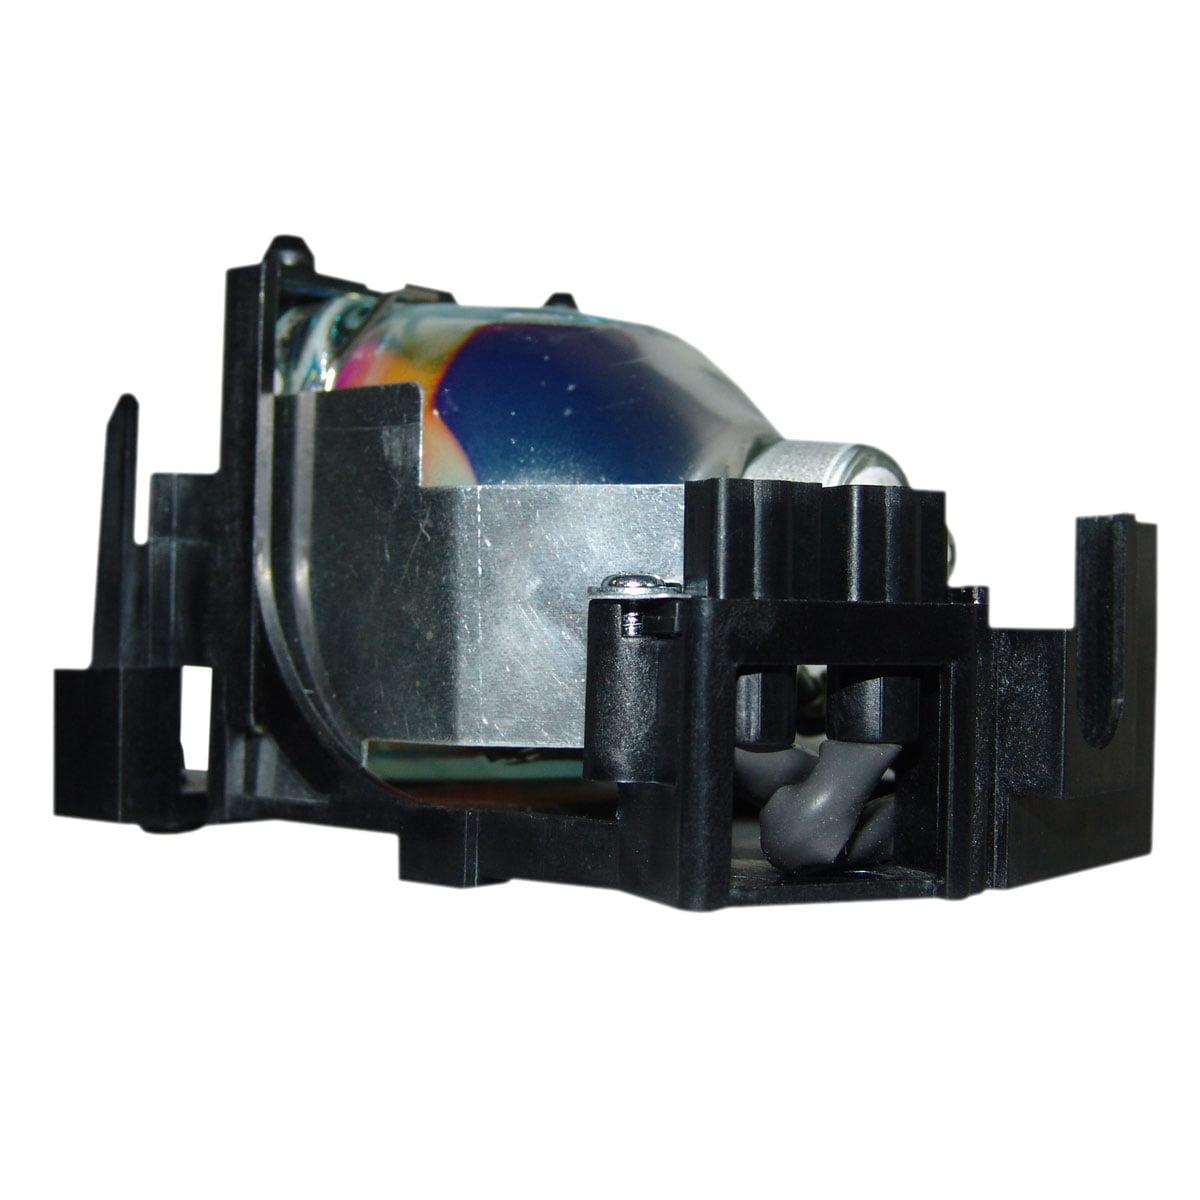 Lampe de rechange Philips originale avec bo�tier pour Projecteur Liesegang DV-425 - image 4 de 5